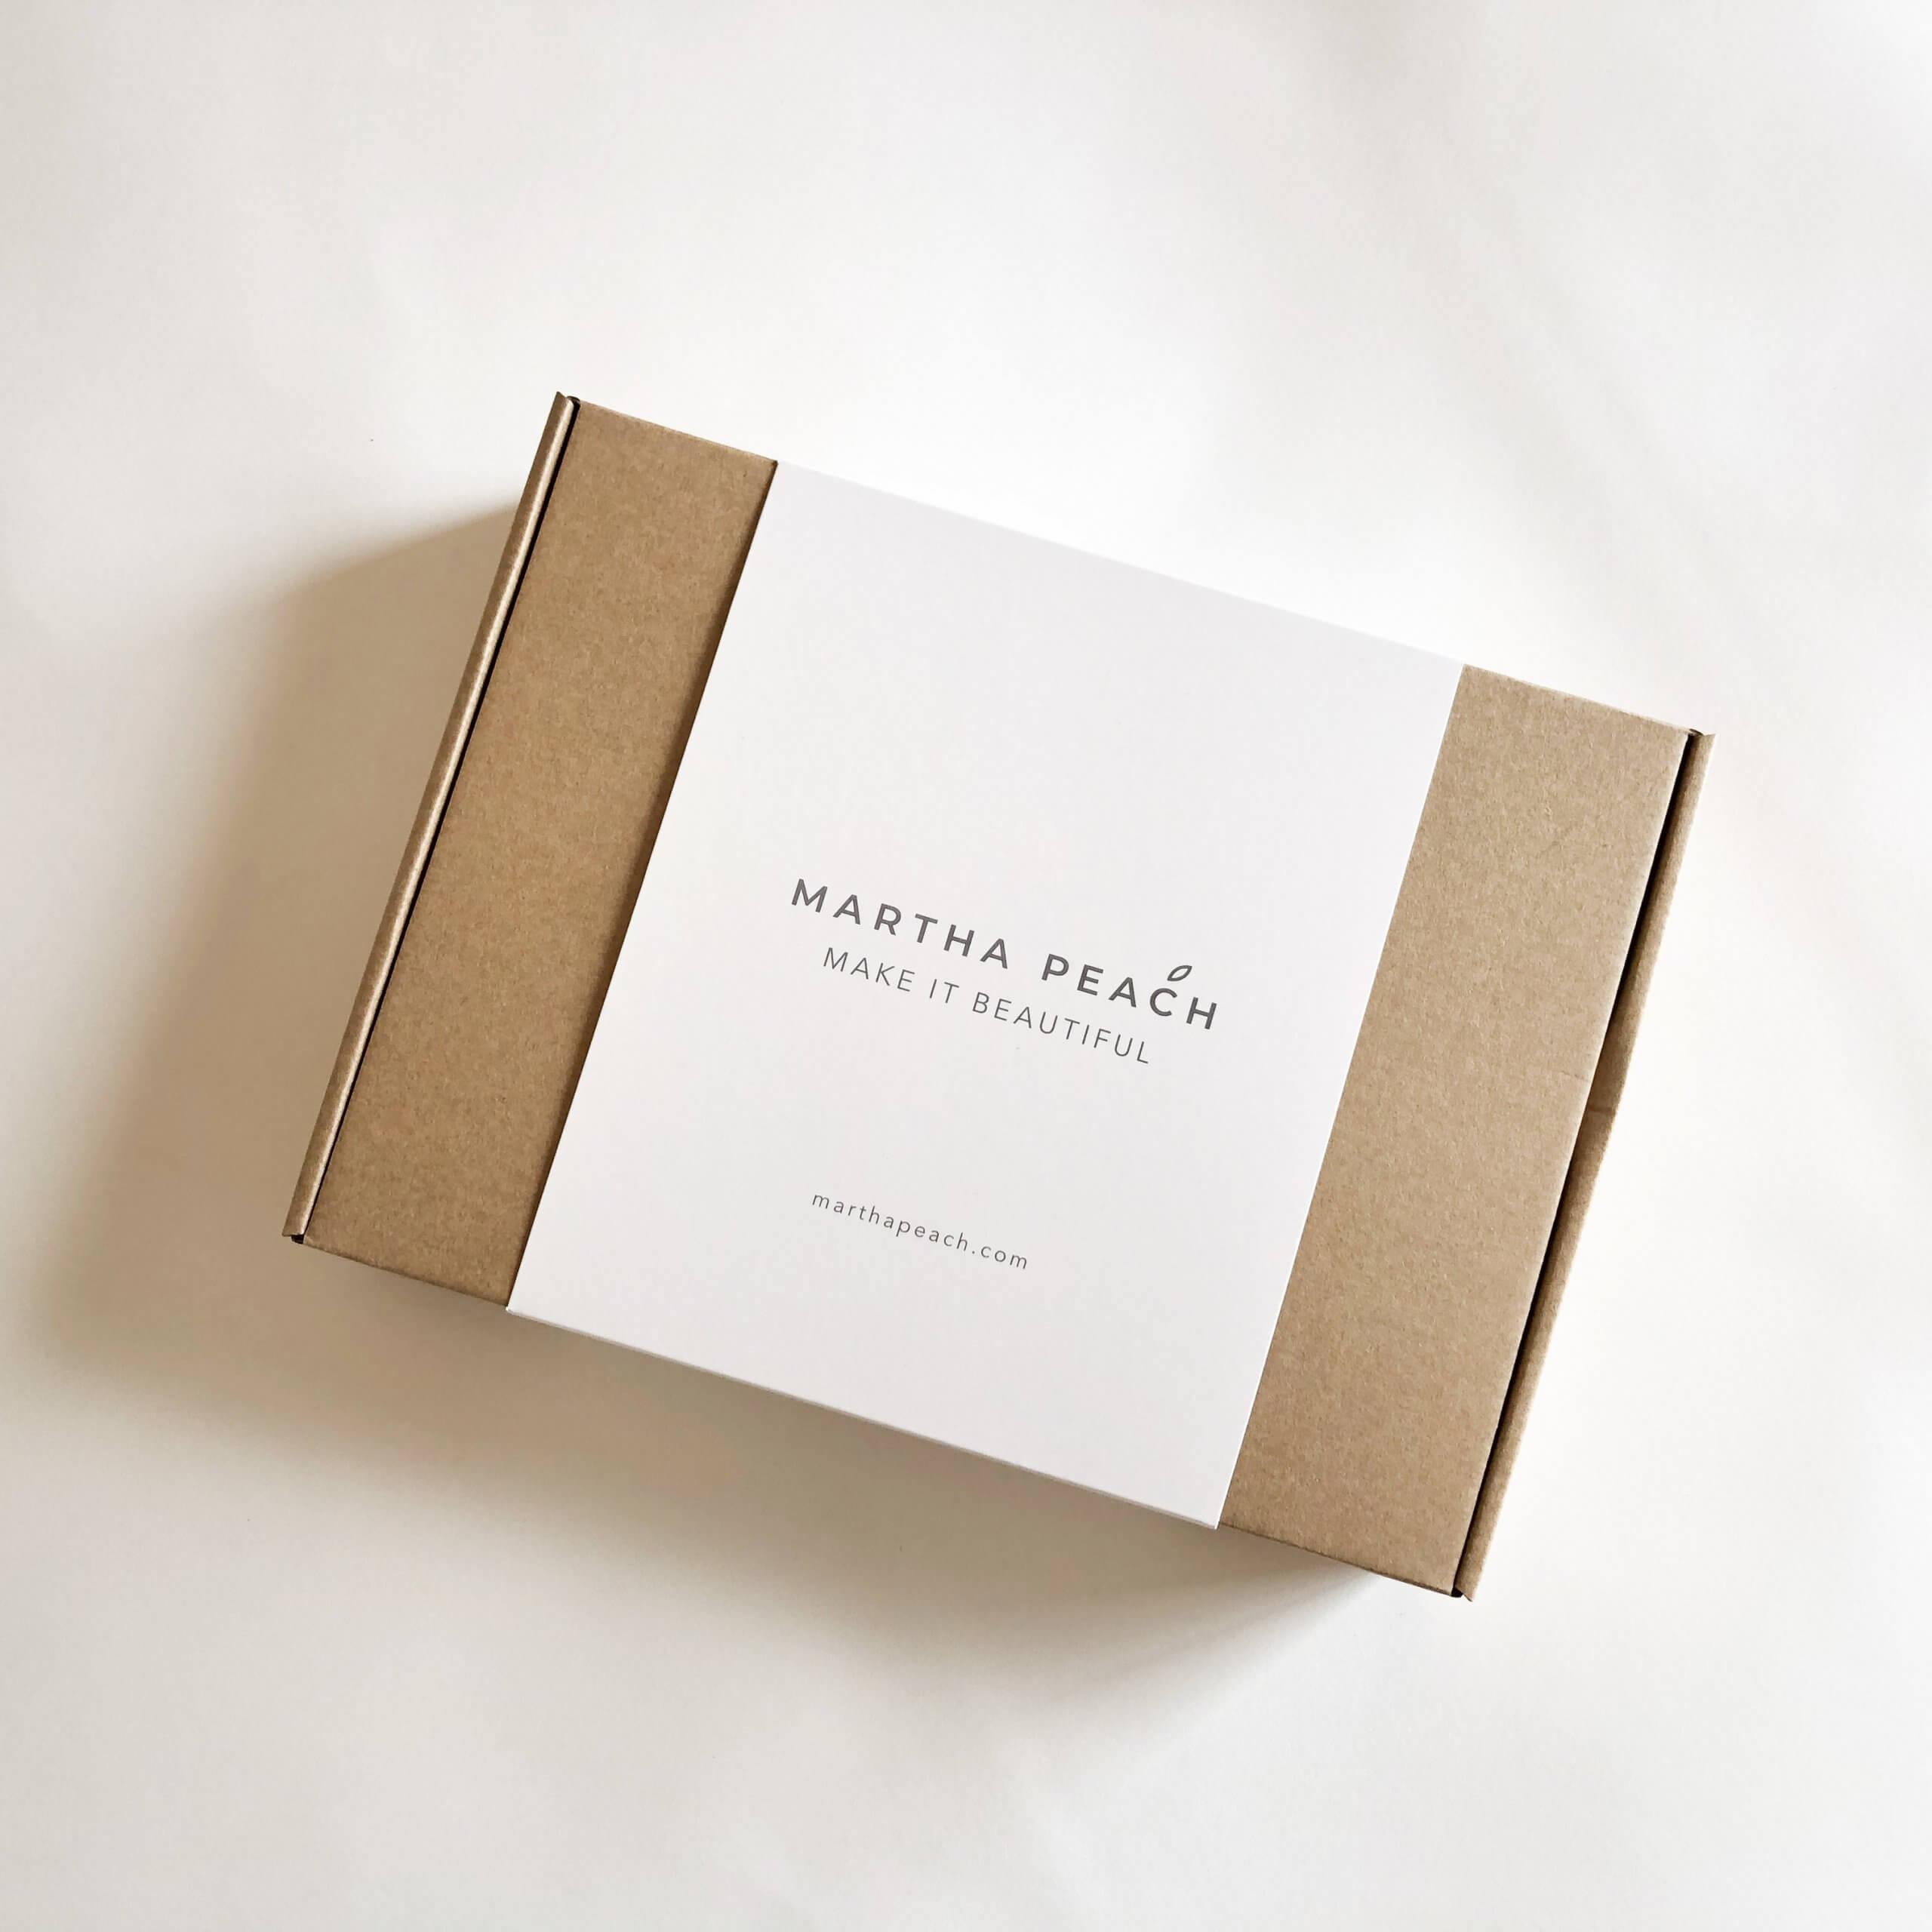 La marca Martha Peach envía sus productos en cajas con faja